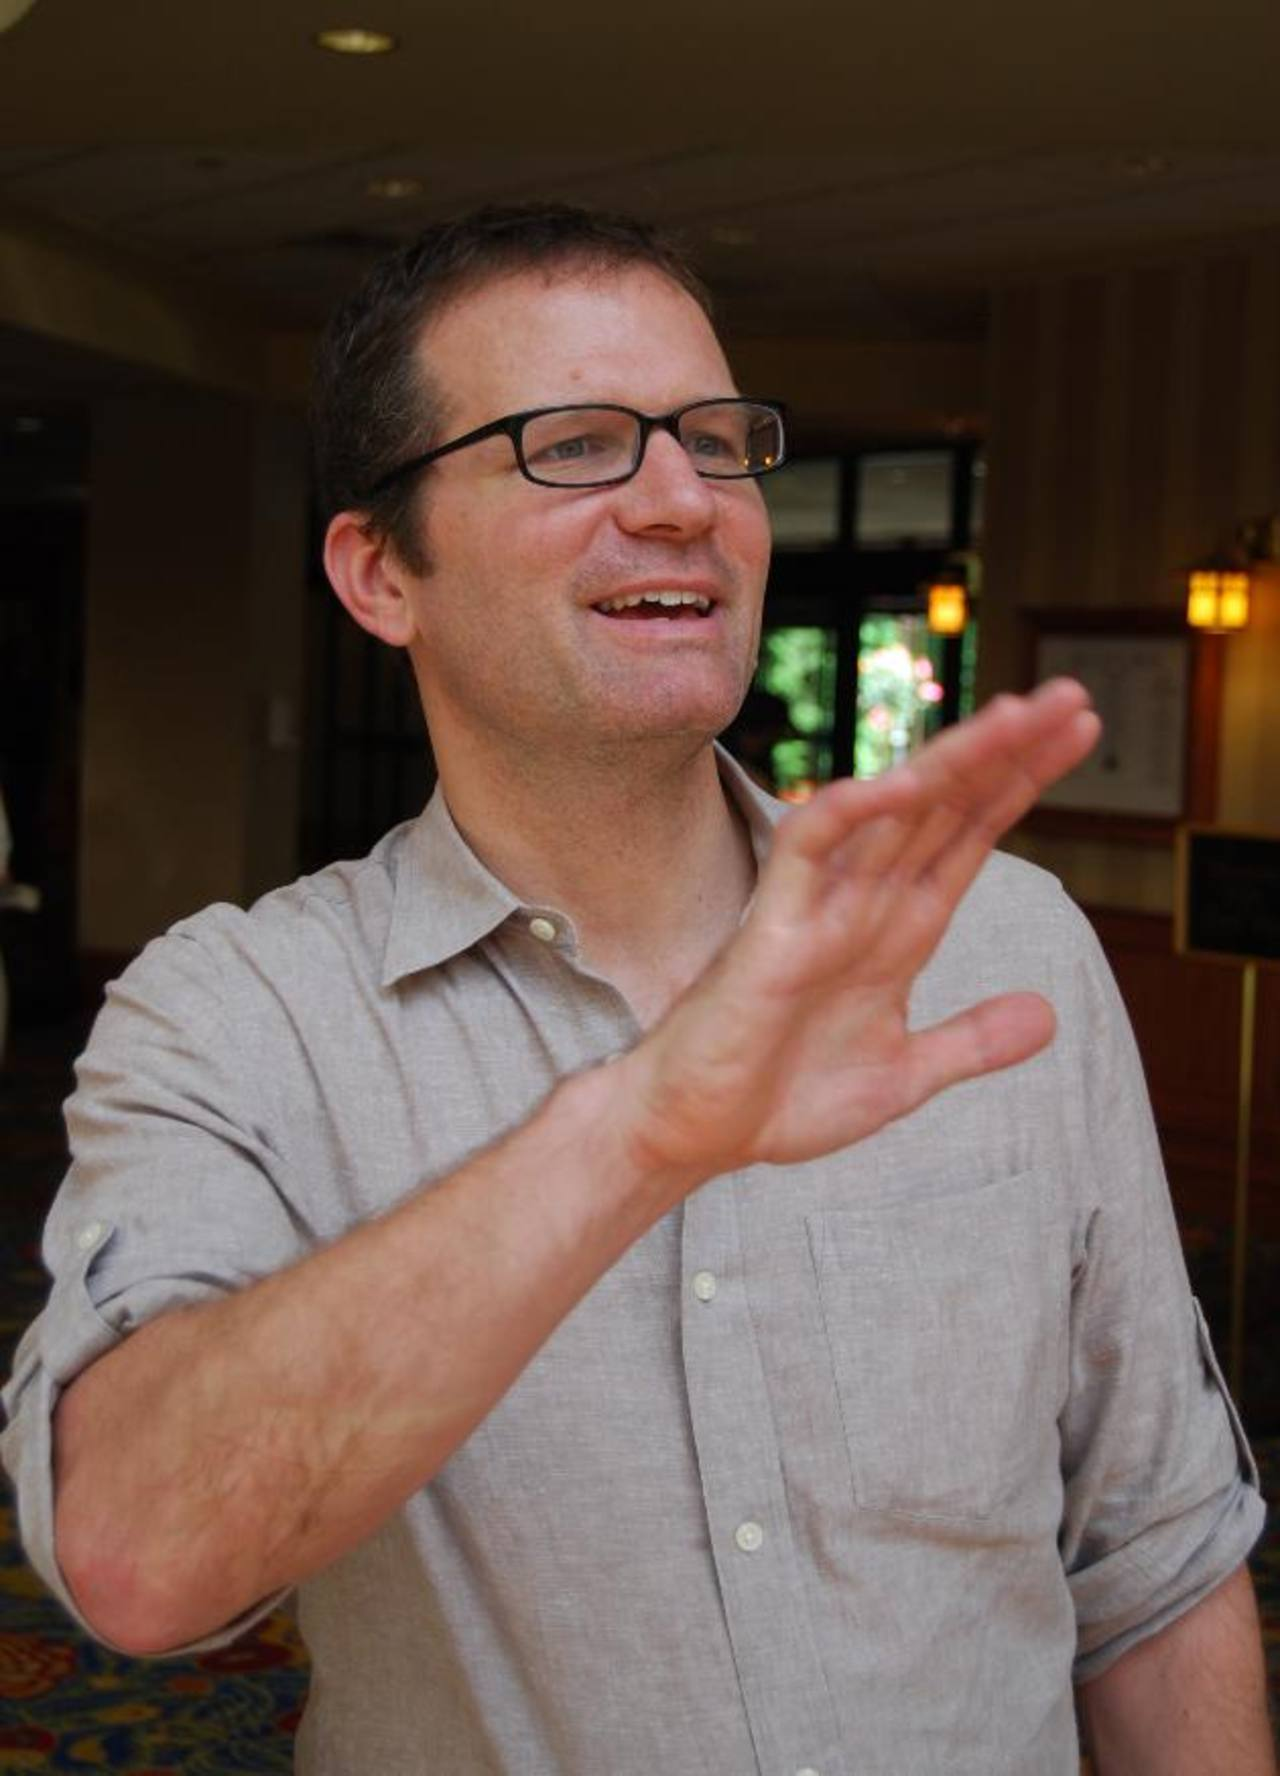 Steven Dudley es el codirector de InSight Crime, una iniciativa conjunta de la American University y la Fundación Ideas para la Paz en Colombia, cuyo objetivo es el seguimiento, análisis e investigación de la delincuencia organizada en la región de A